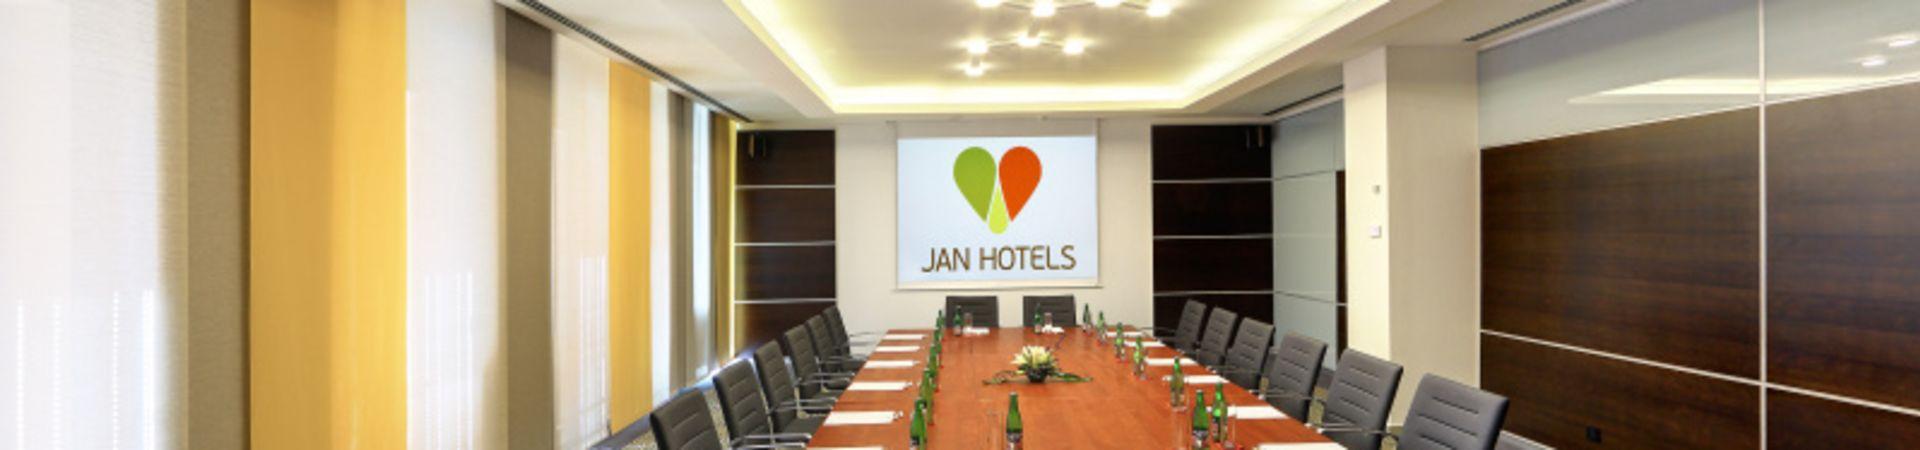 Hotel Duo / Jan Hotels - Konferenční místnost Zurich